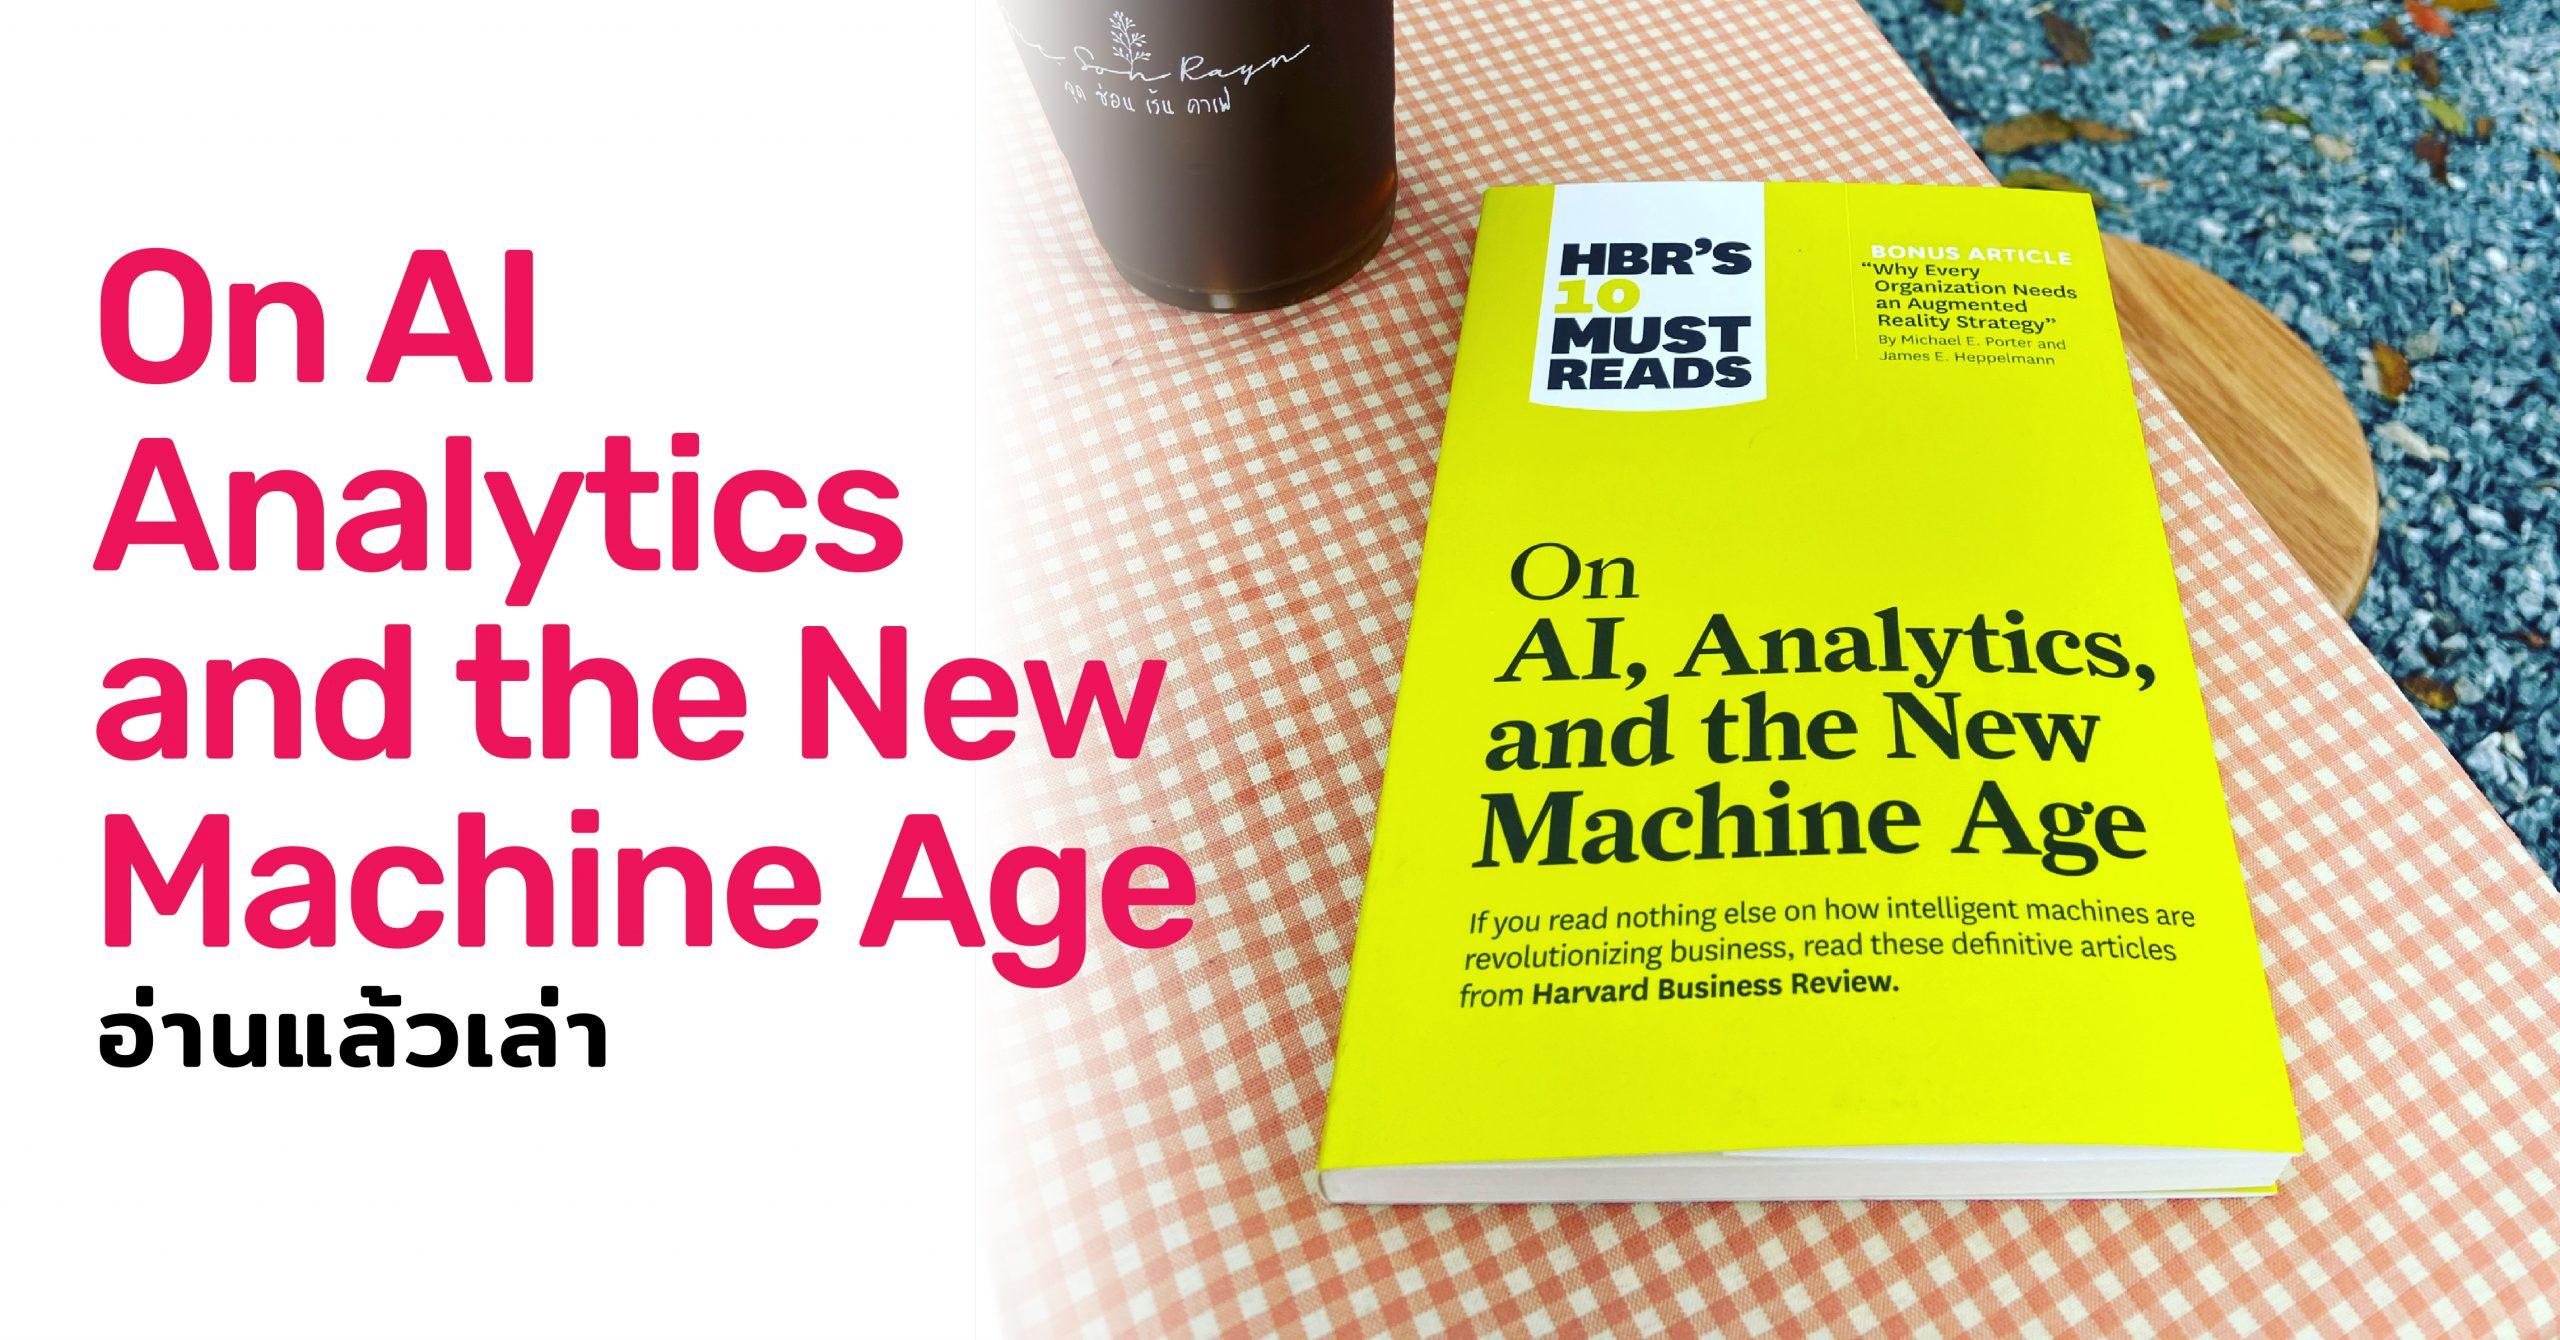 สรุปหนังสือ HBR'S 10 Must Reads, On AI, Analytics and the New Machine Age สำนักพิมพ์ Harvard Business Review ร้านหนังสือ Asia Book